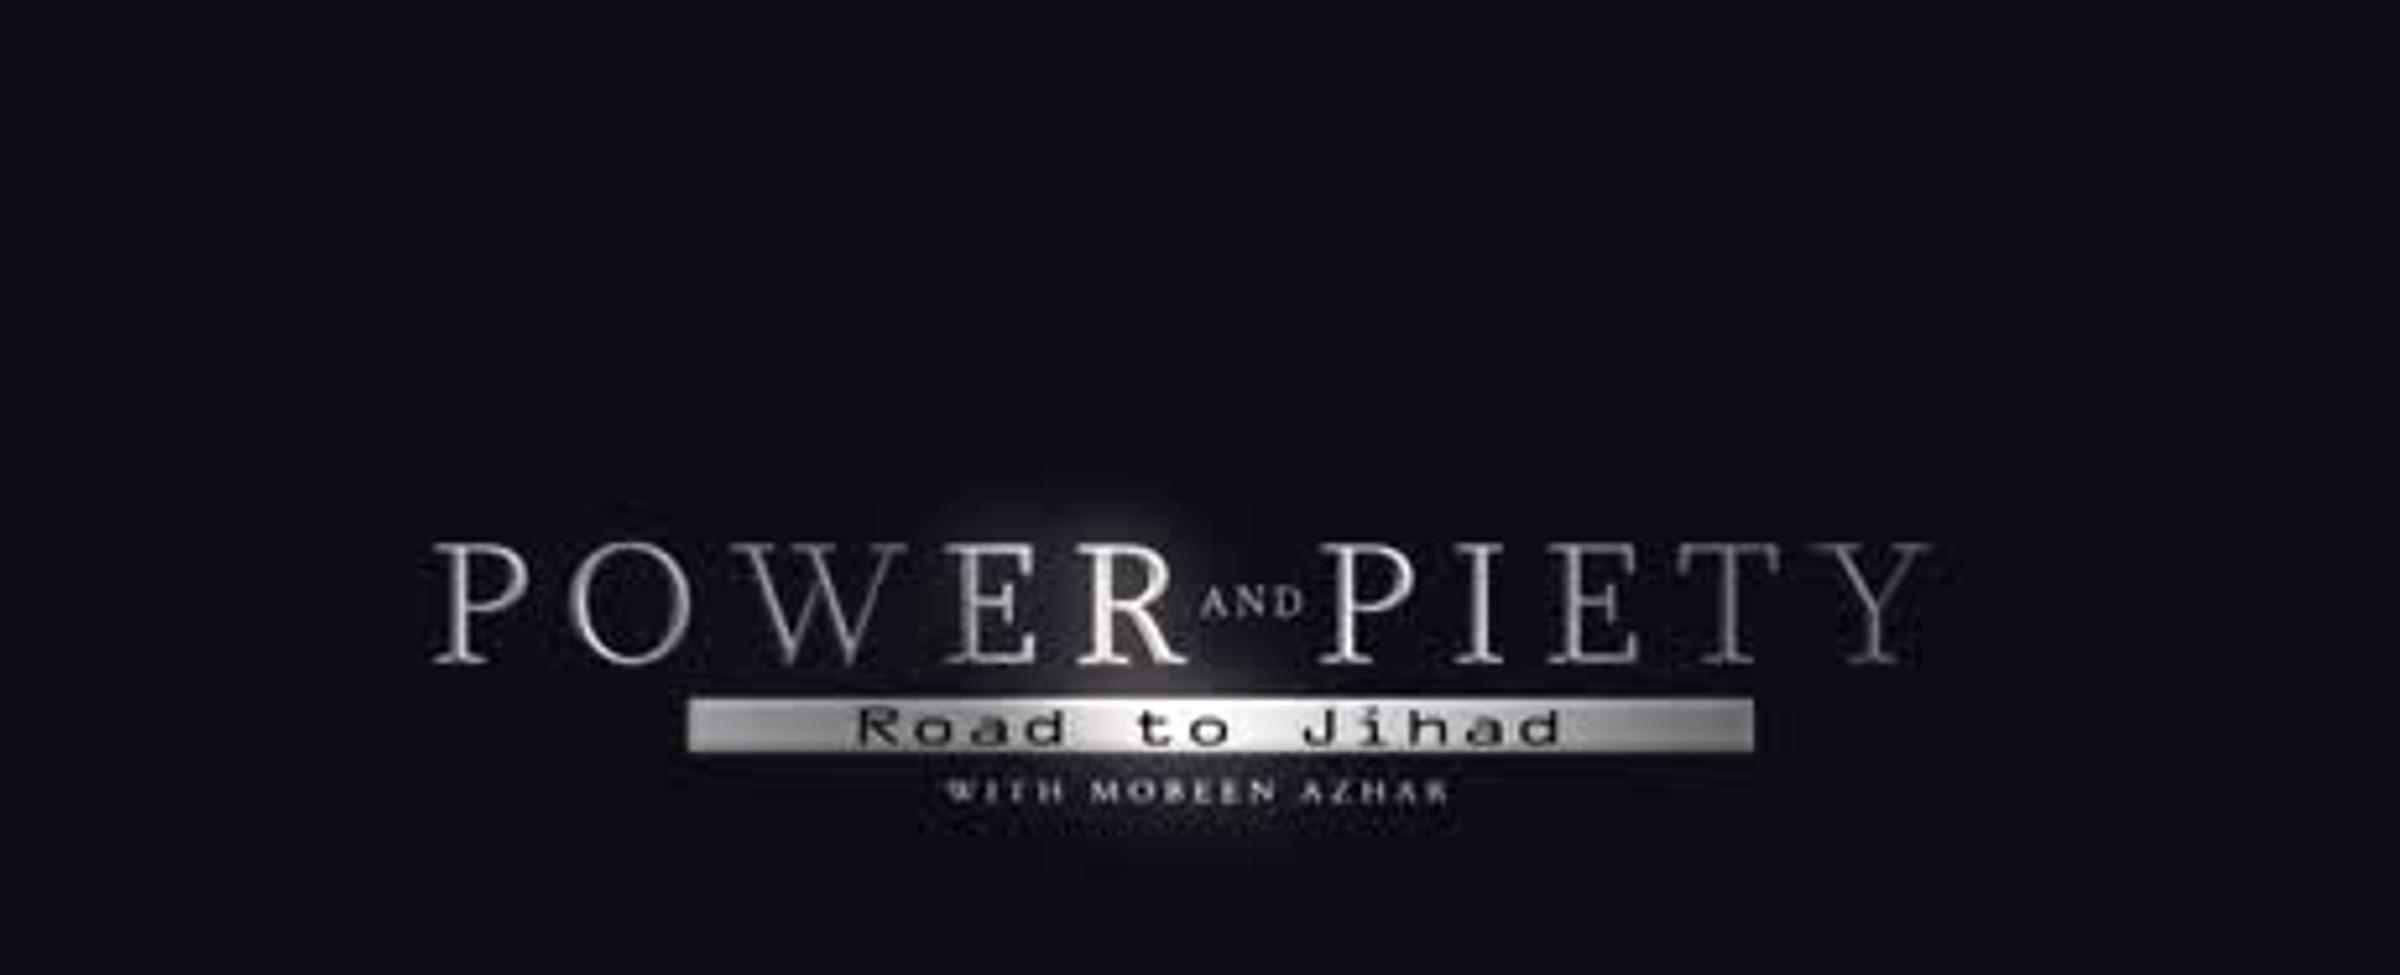 Cesta k džihádu